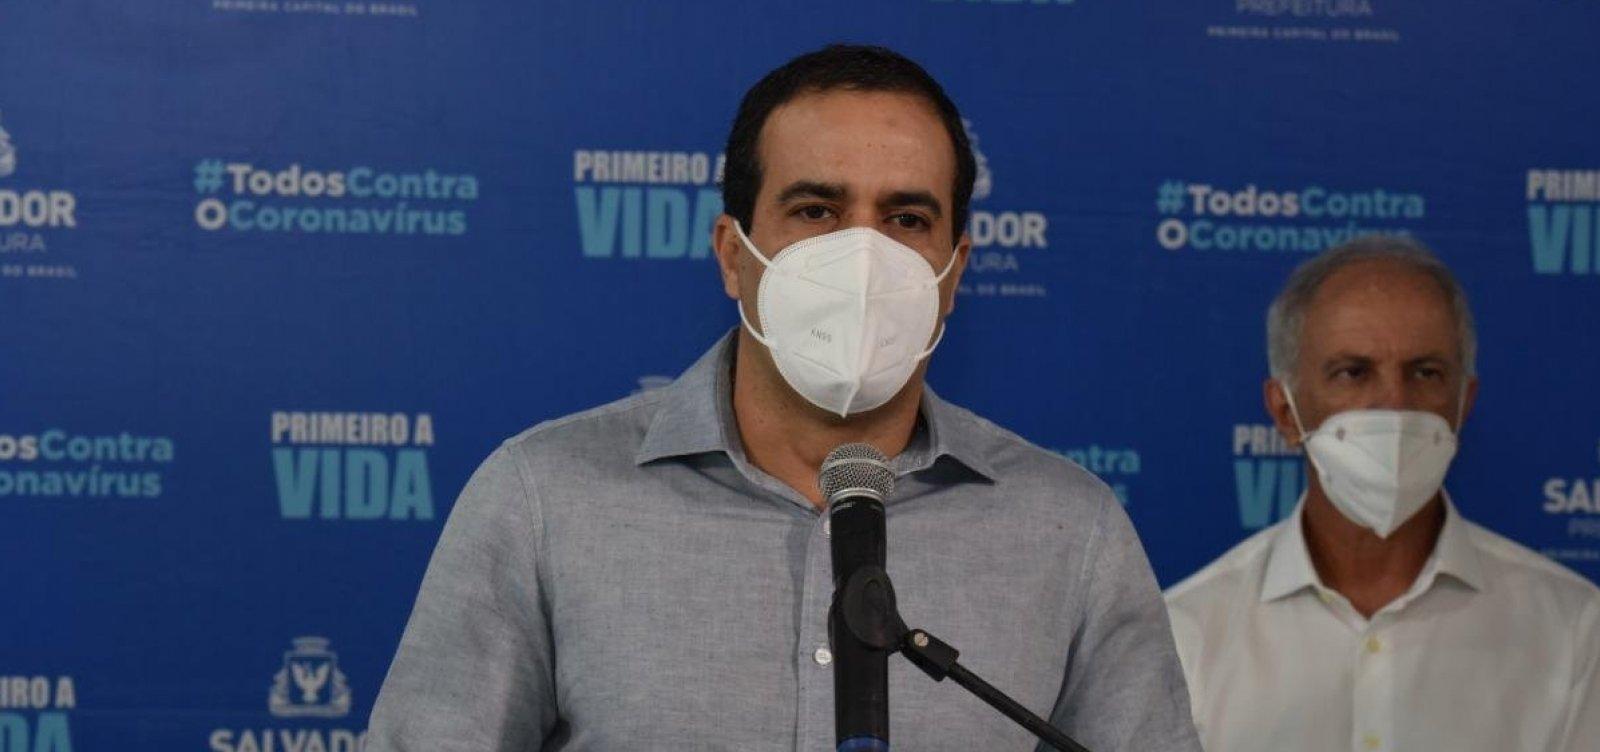 Novas atividades serão liberadas em Salvador se taxa de ocupação descer para 75%, diz prefeito